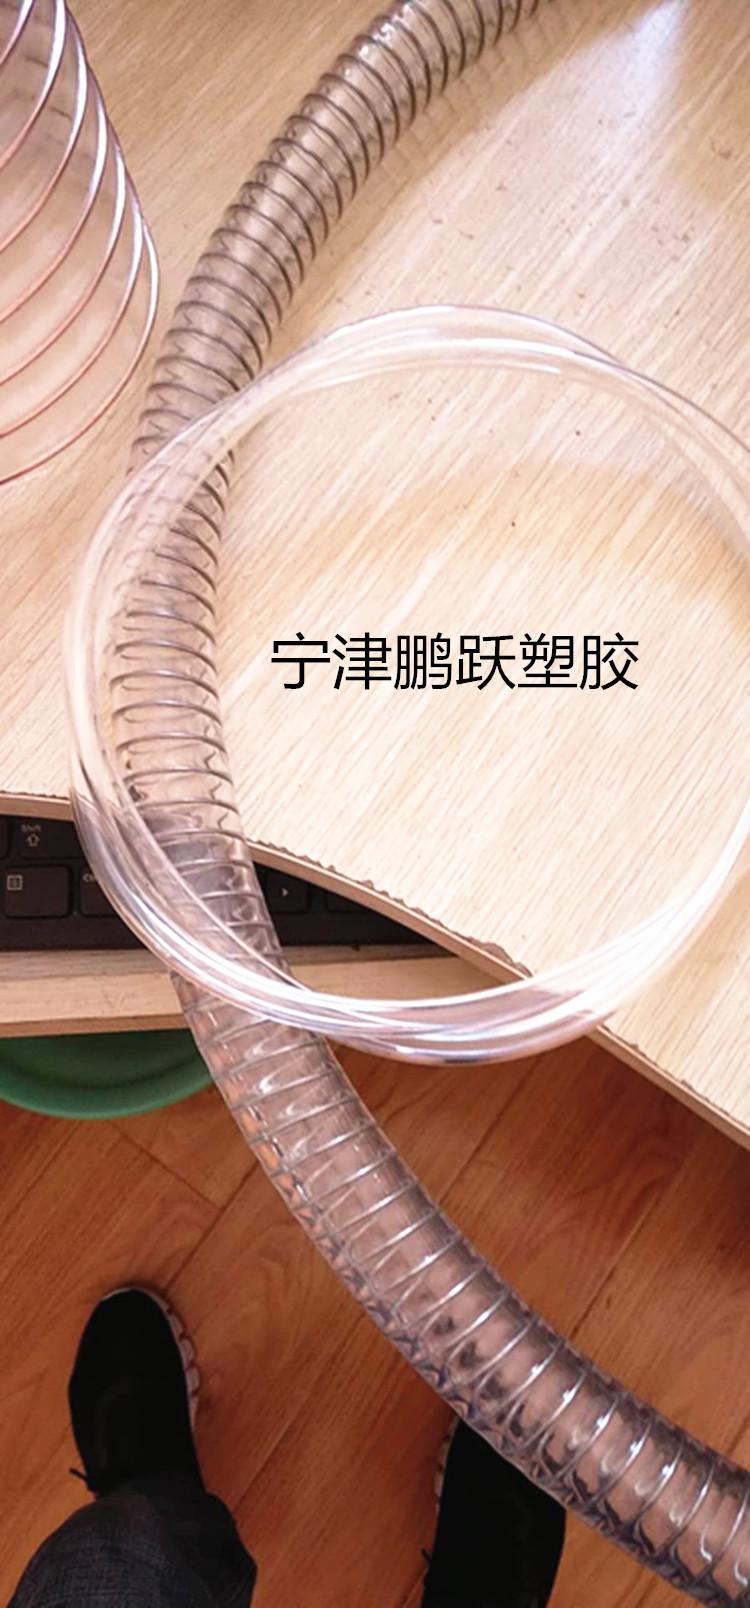 贵州pu食品级钢丝增强管内径25mm药品输送软管鹏跃塑胶软管(钢丝平滑管)